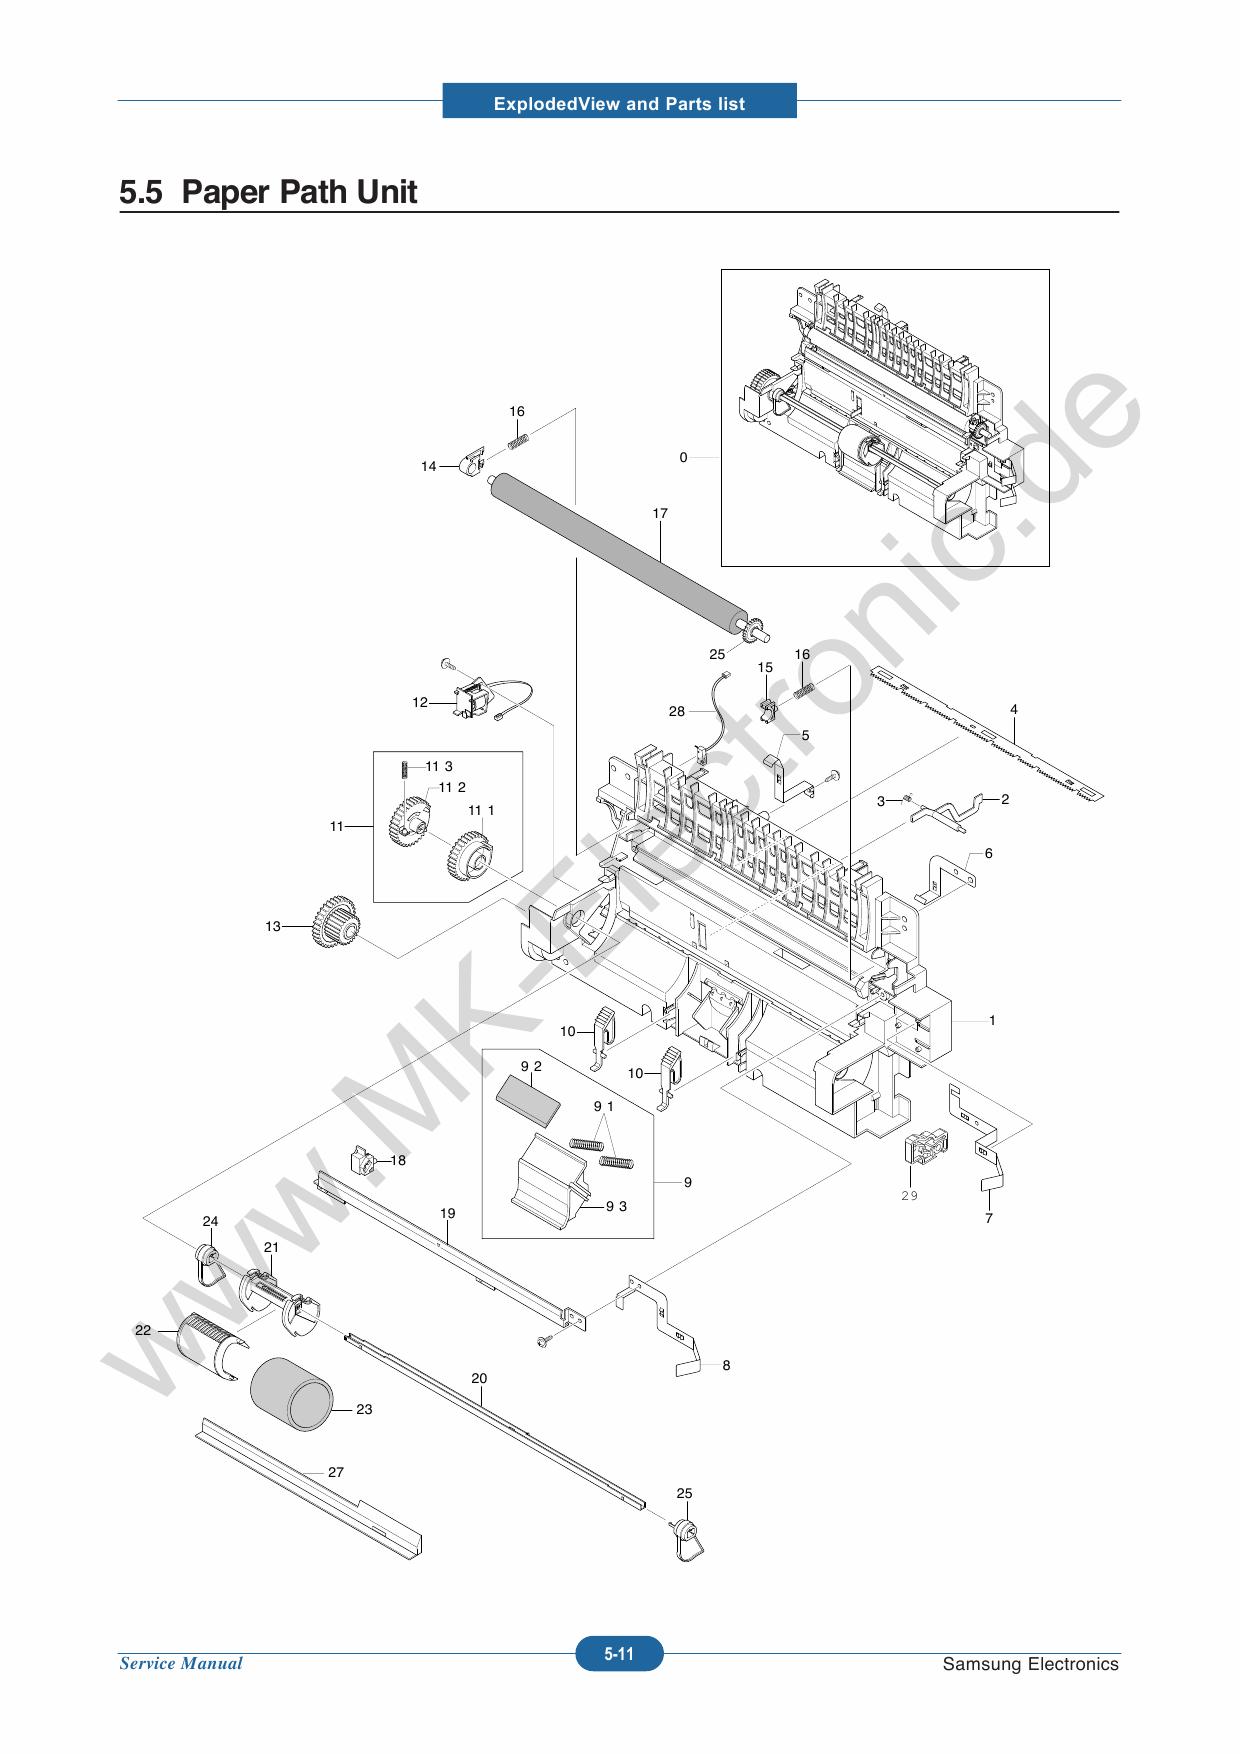 Samsung ml-1640 1645 2240 service manual download, schematics.